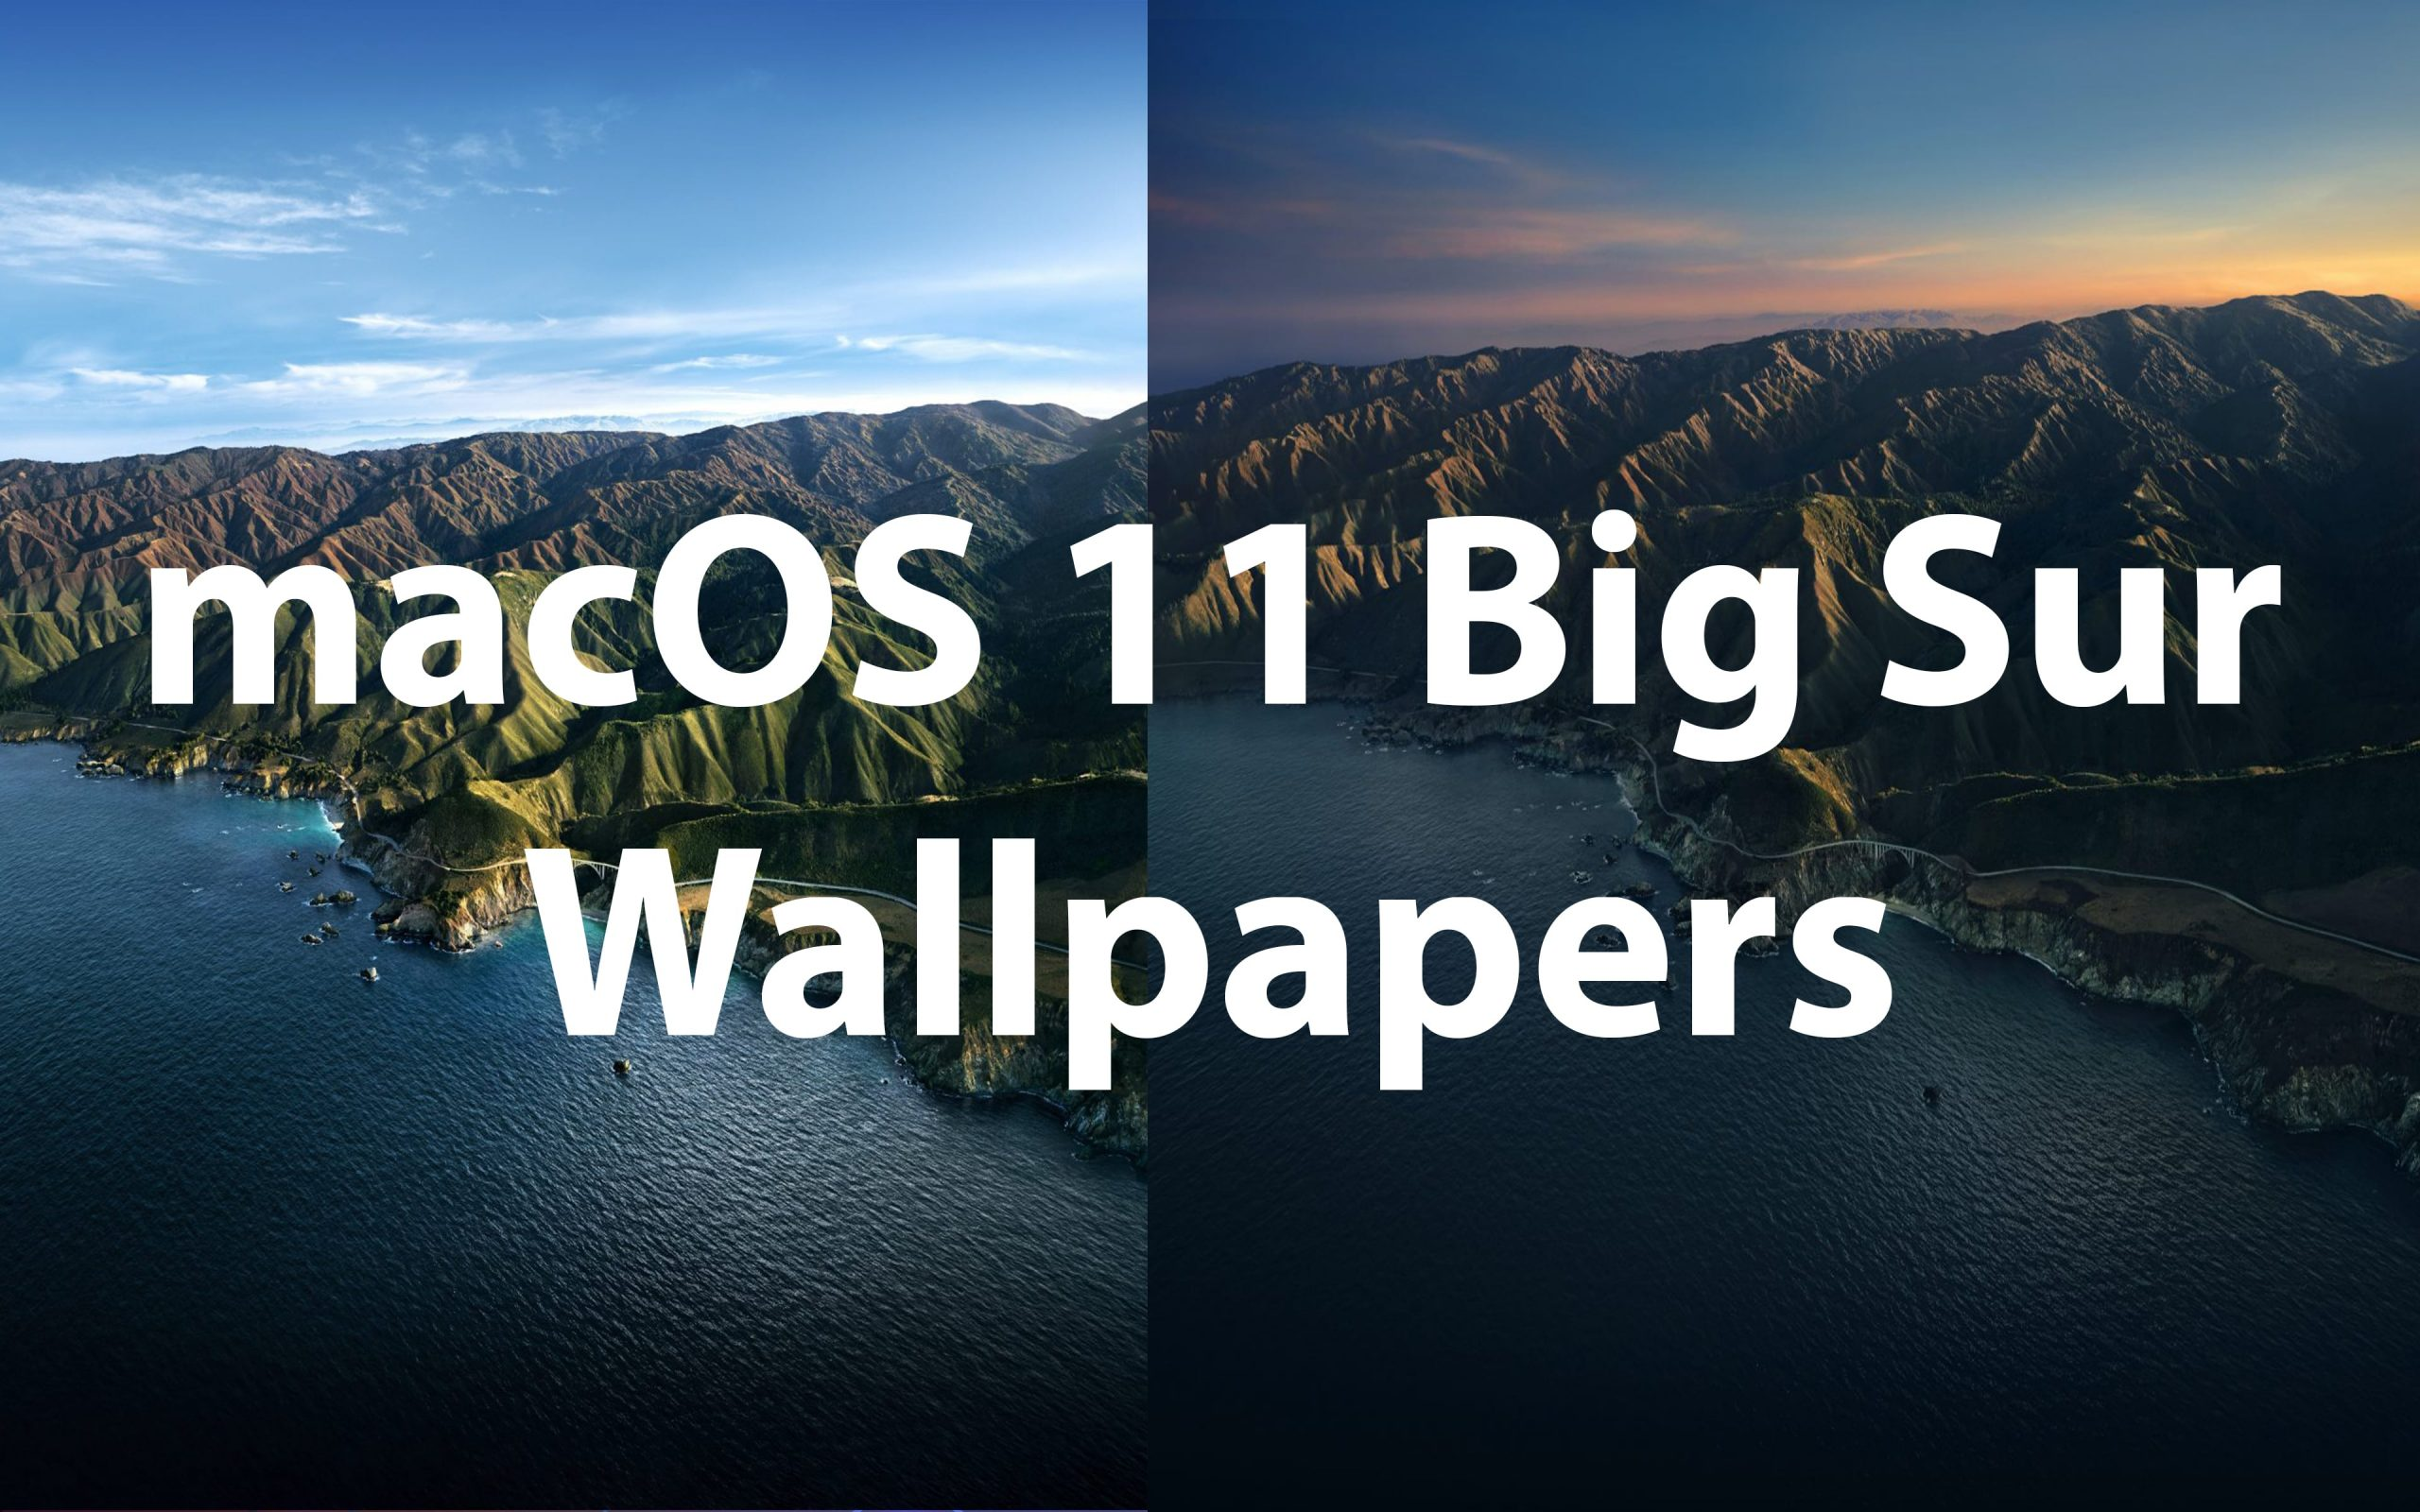 Download Macos Big Sur Hd Wallpapers For Desktop Iphone Ipad